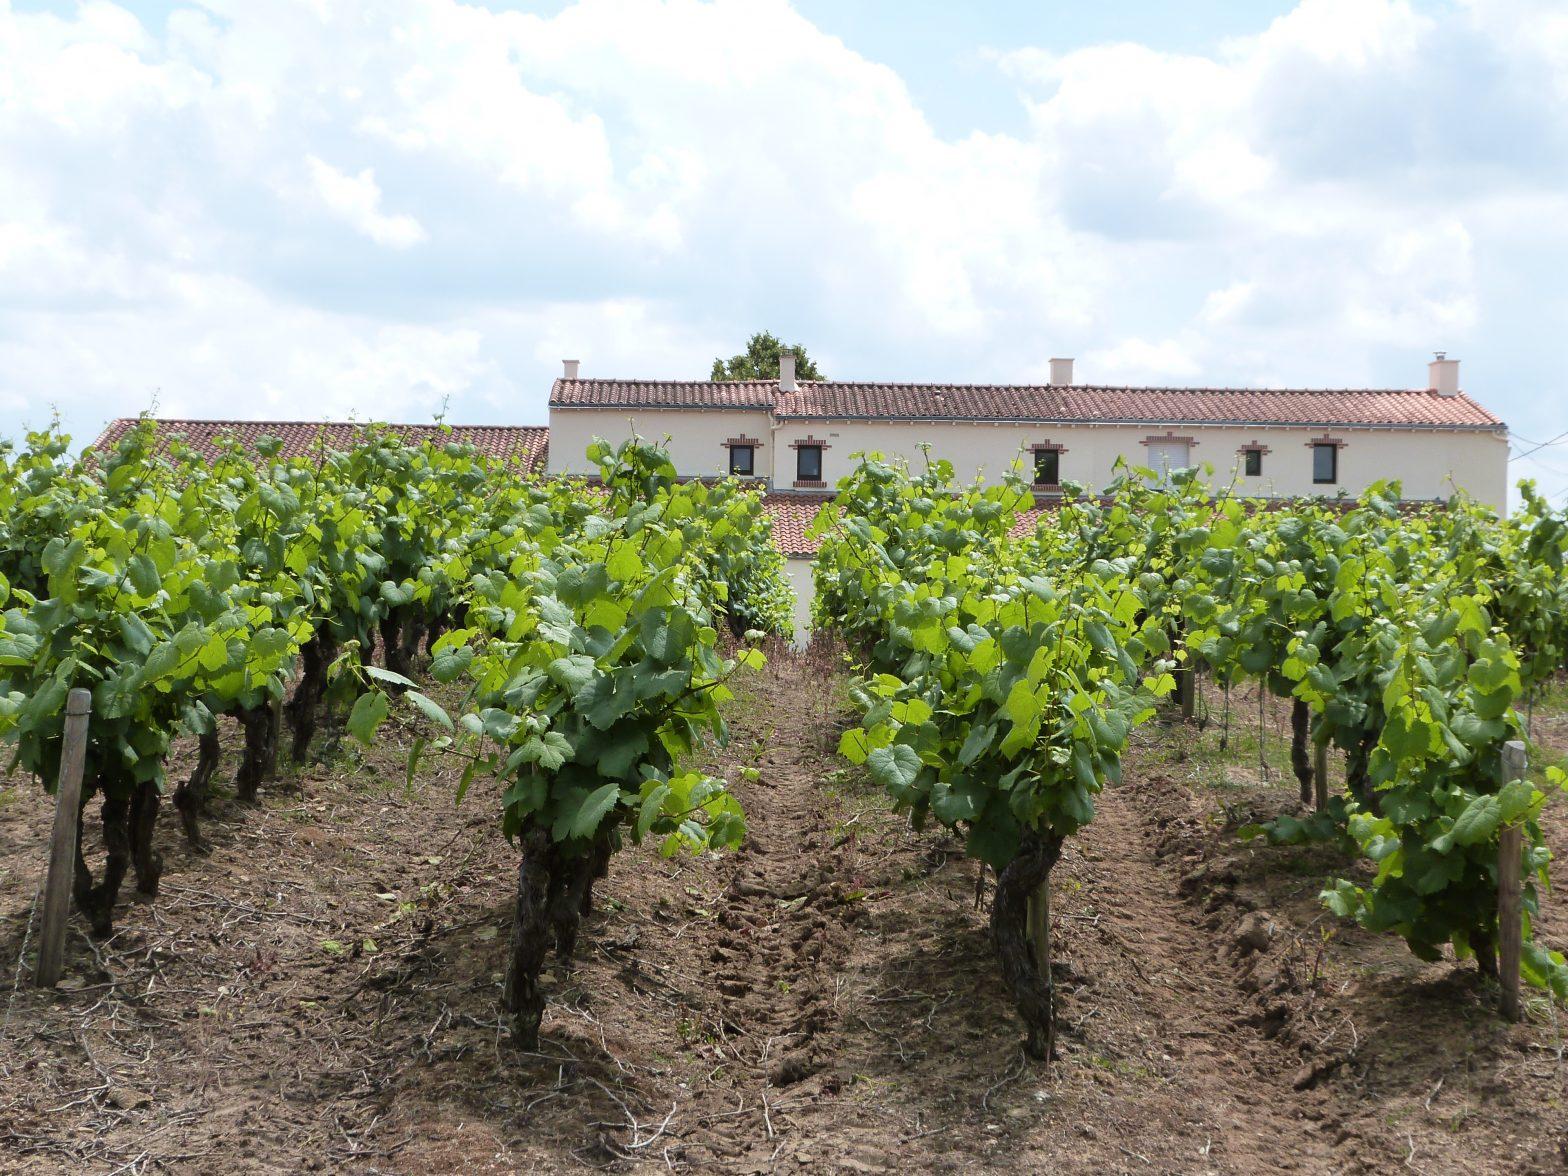 Découvrez un bien d'exception : Domaine viticole sur environ 20 ha - Dentelles de Montmirail. Vinea Transaction vous accompagne dans l'acquisition de ce bien remarquable !